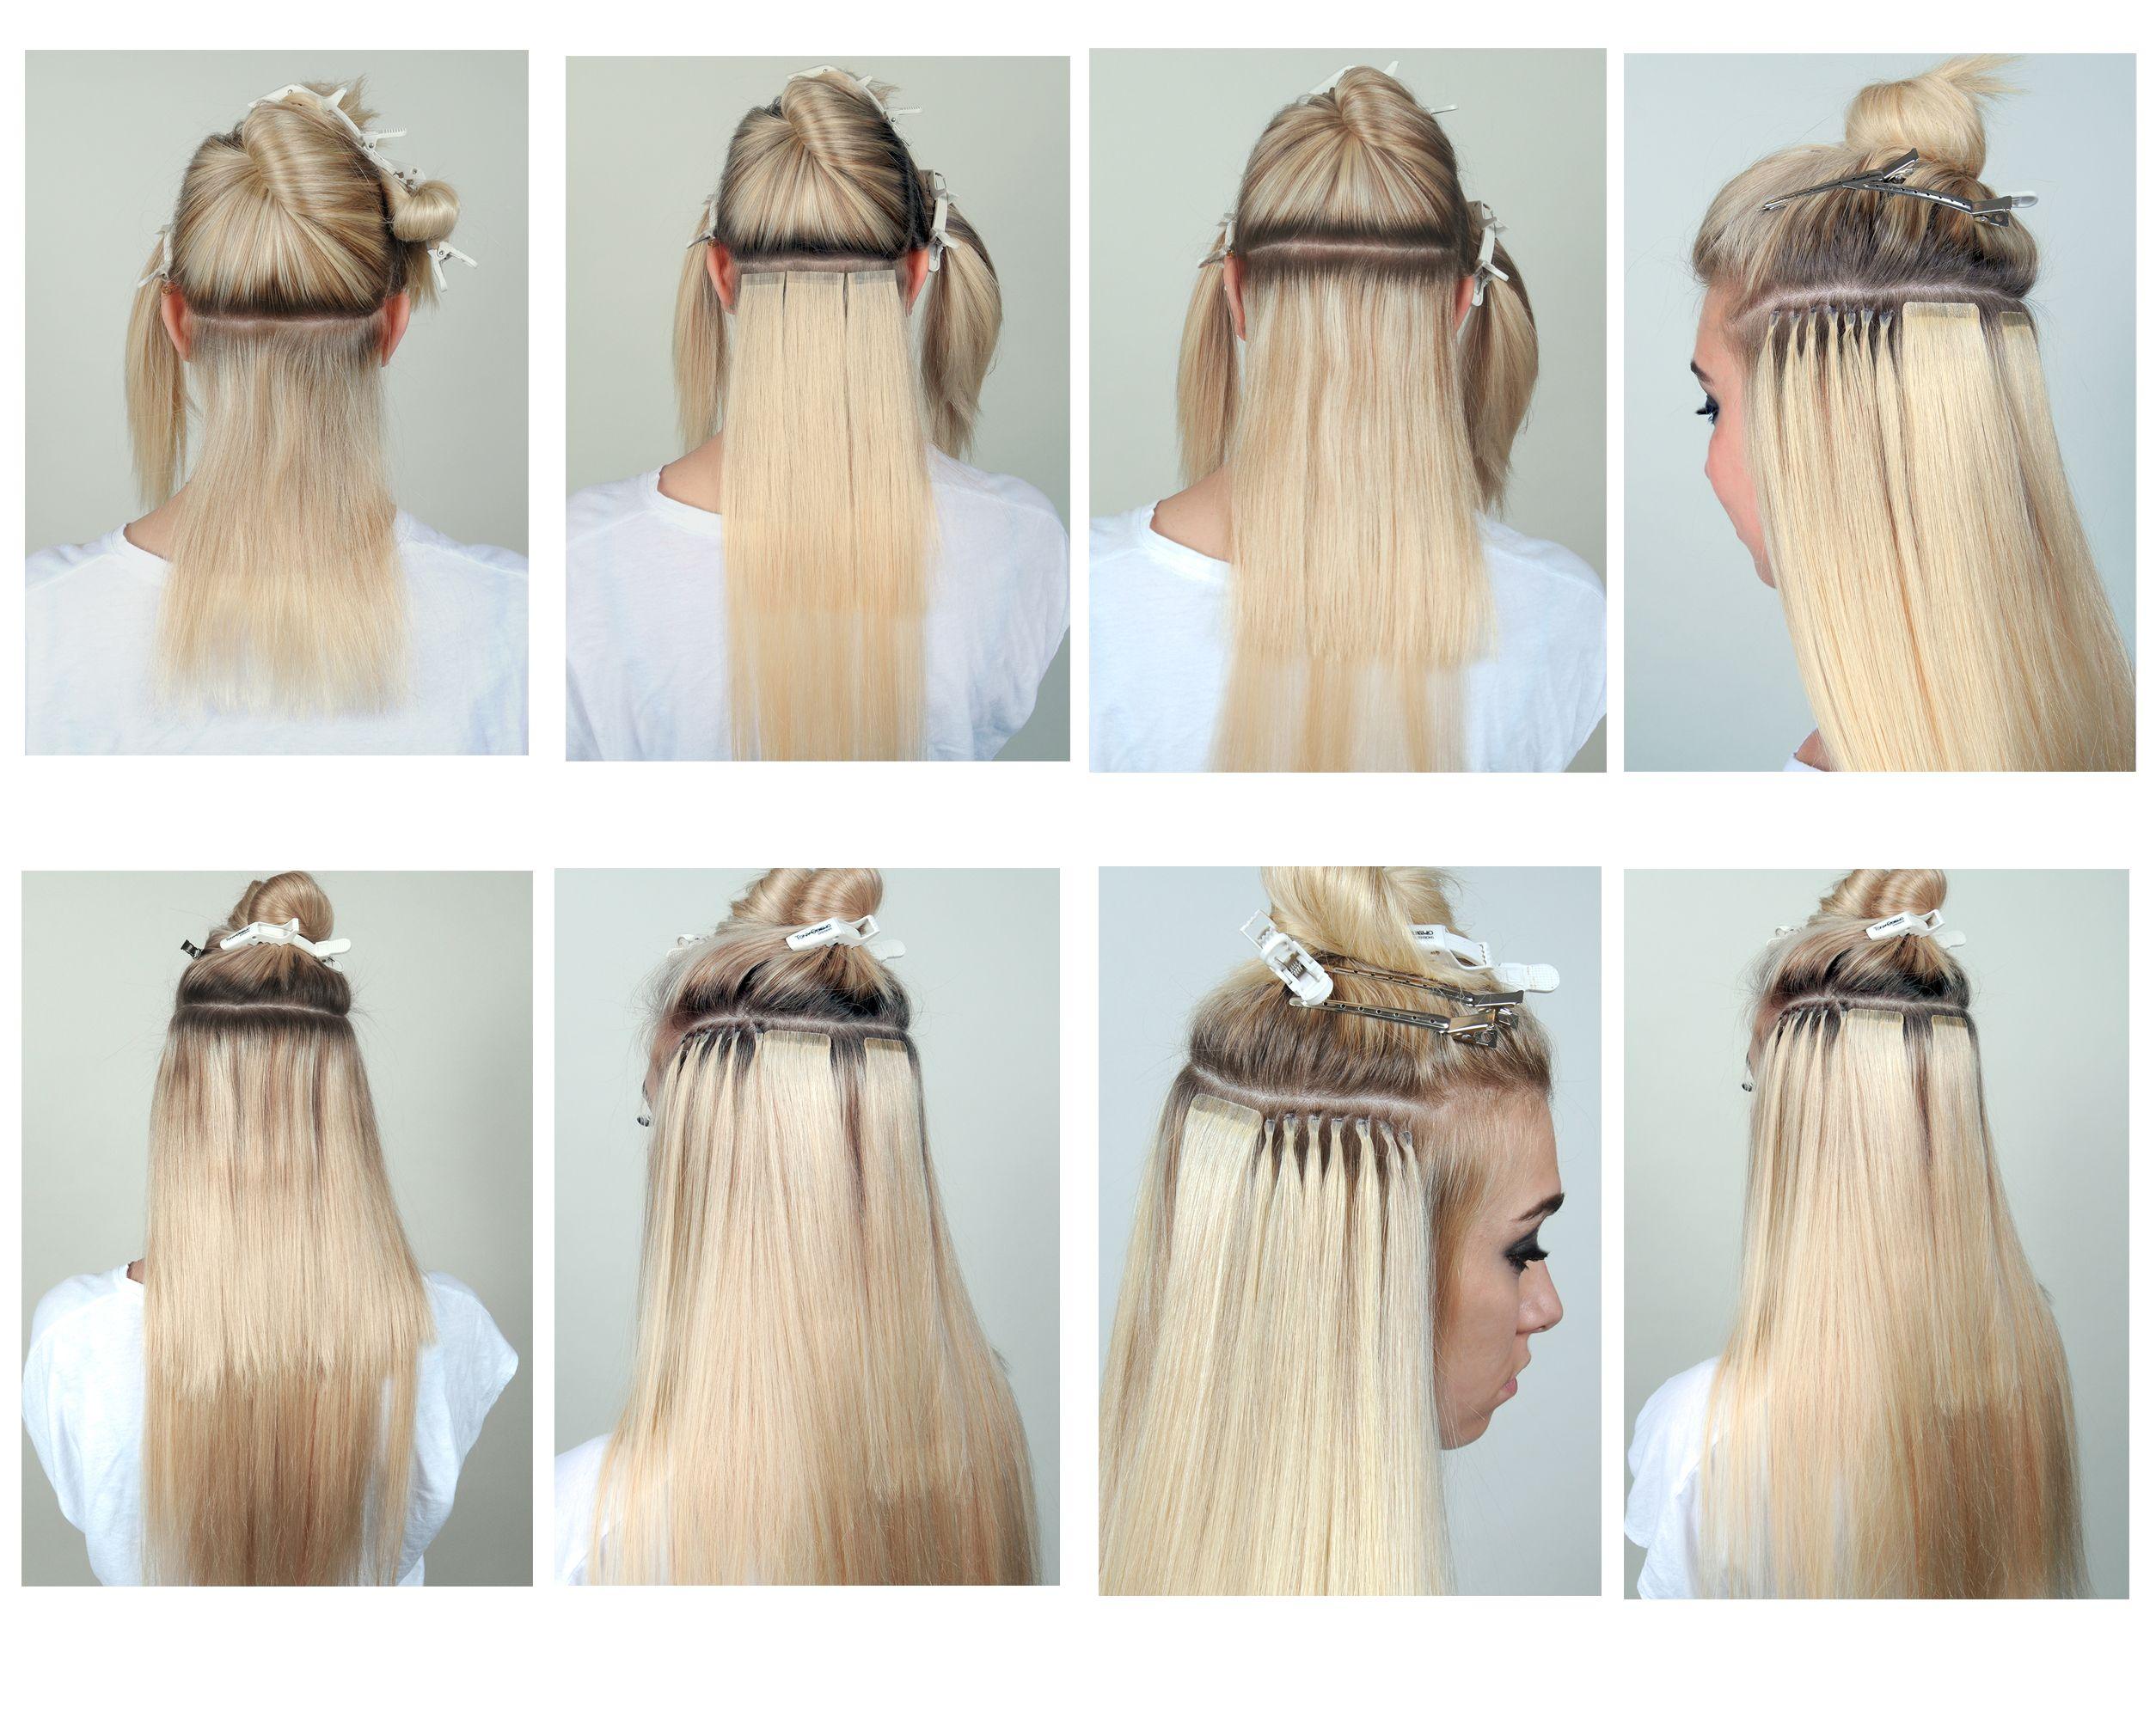 наращивание волос пошагово фото красных сеттеров